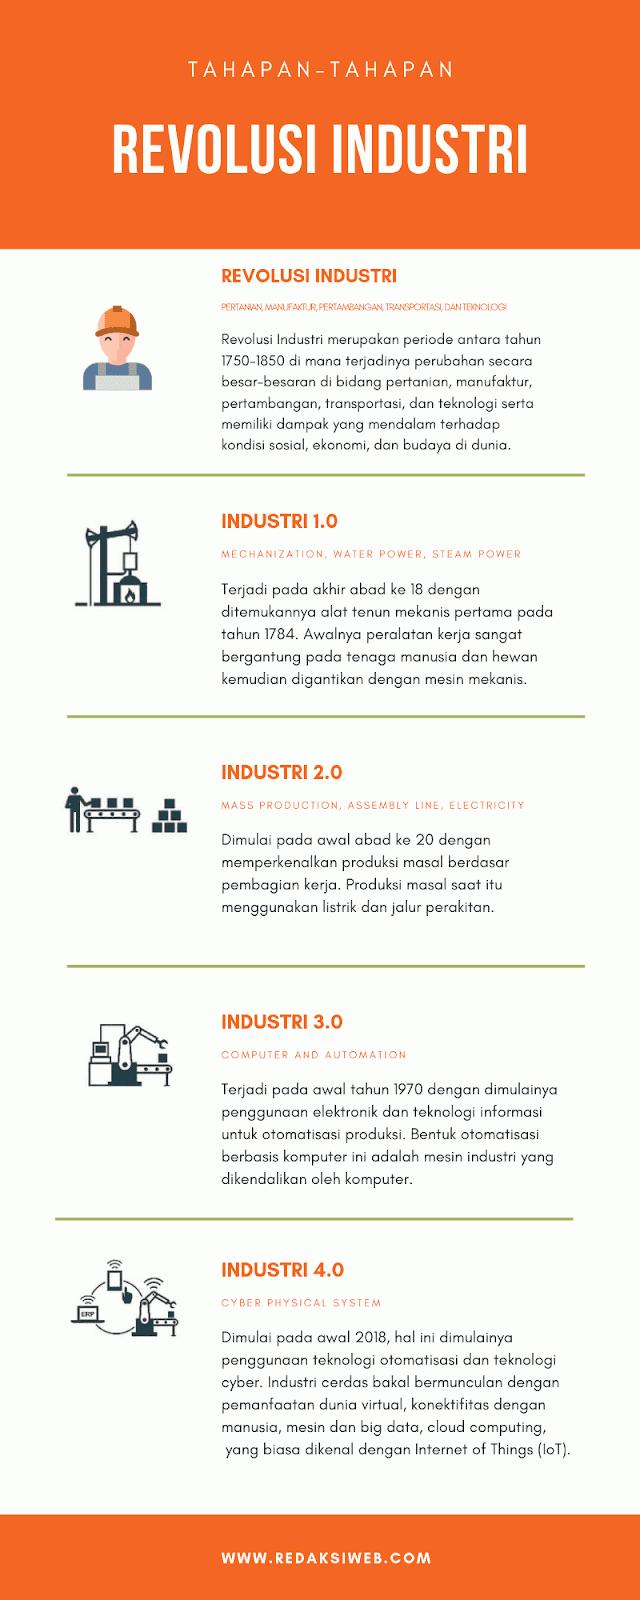 Tahapan Evolusi Industri 1.0 Sampai Industri 4.0- Infografik